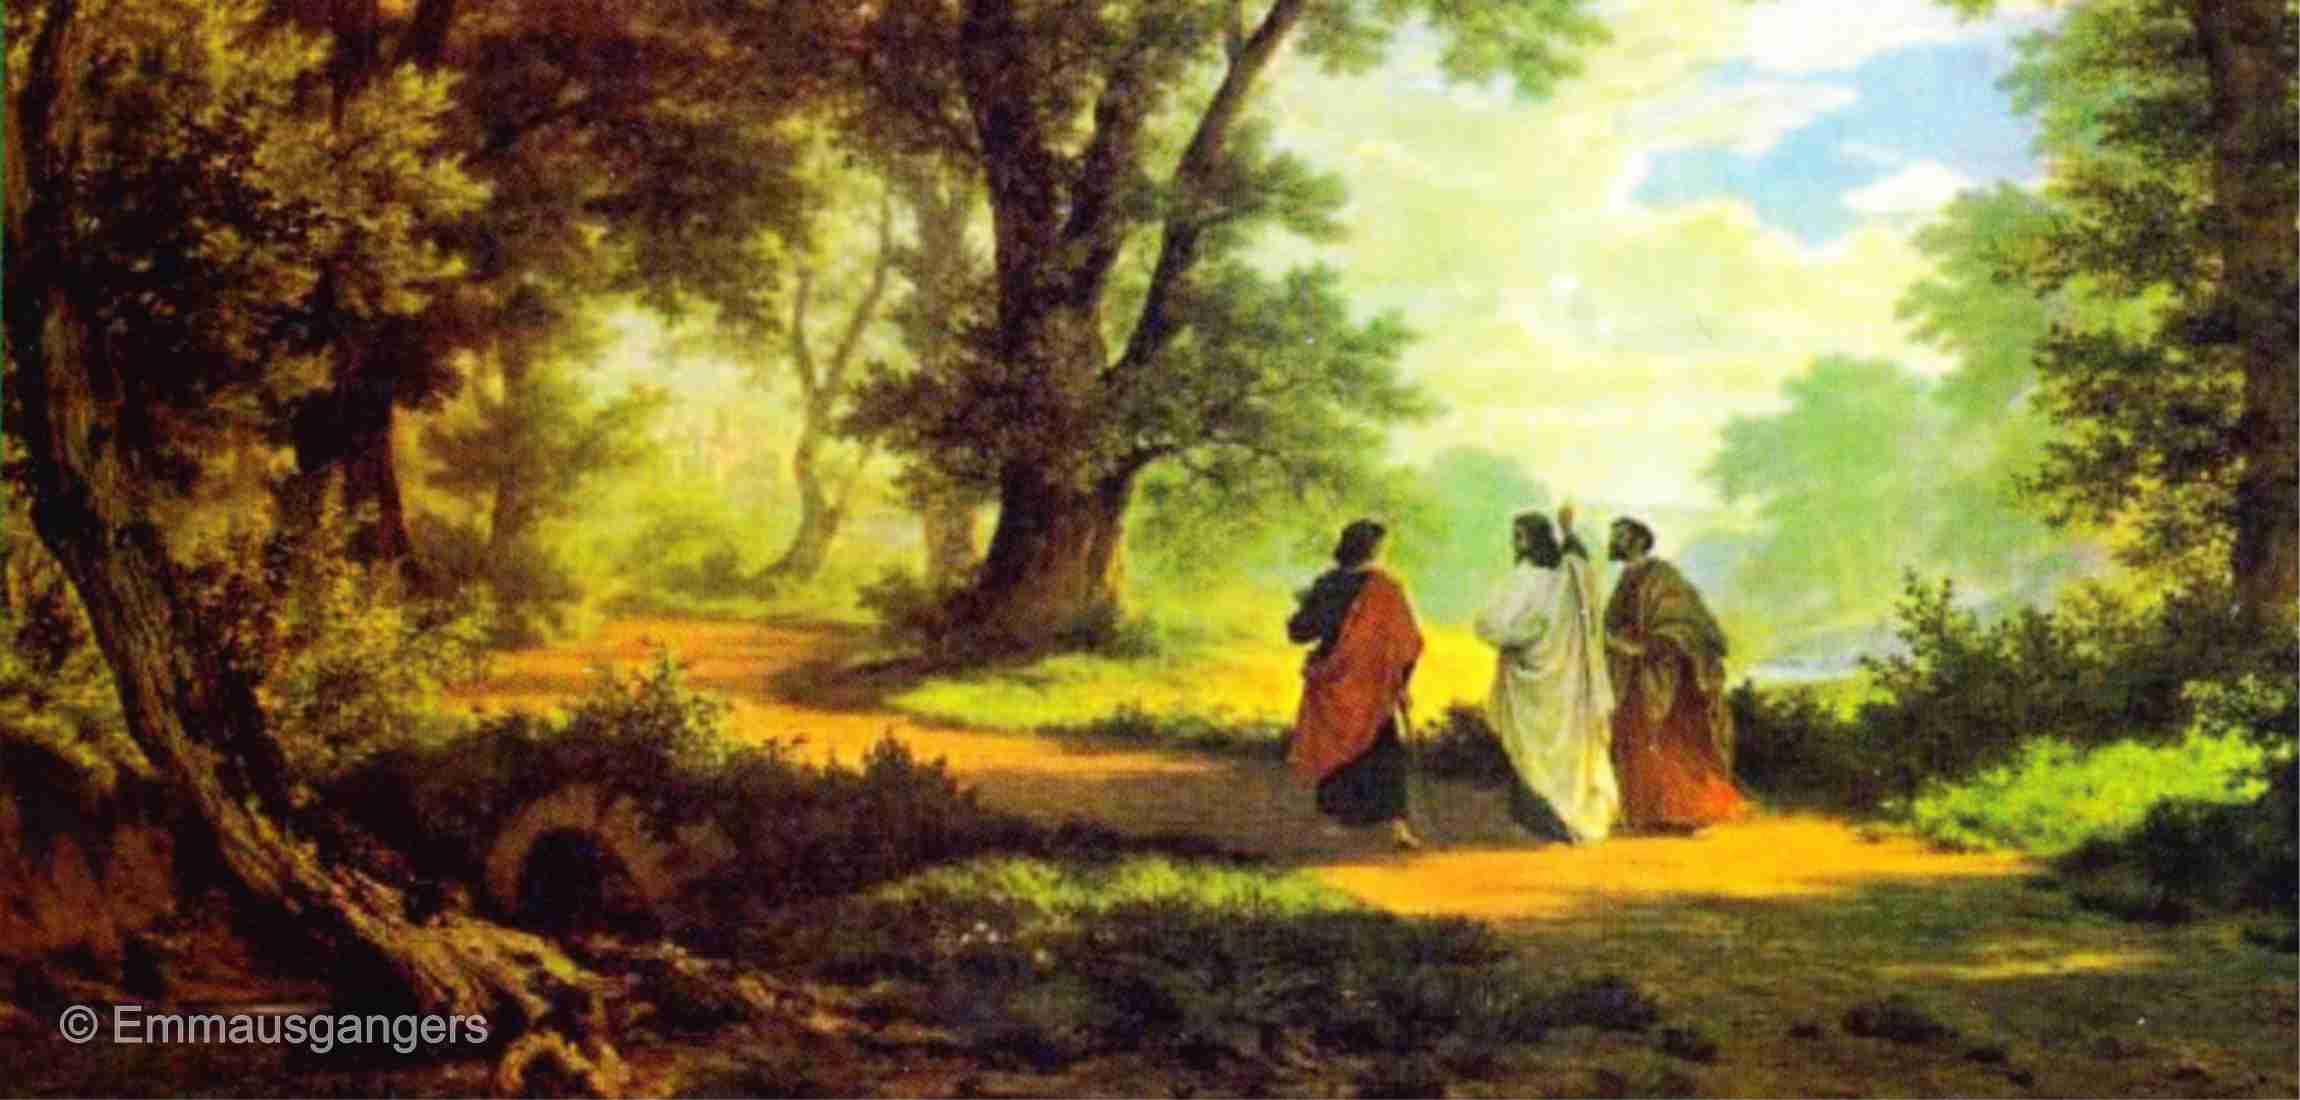 Gods liefde in onszelf herkennen; herkenning van Gods liefde